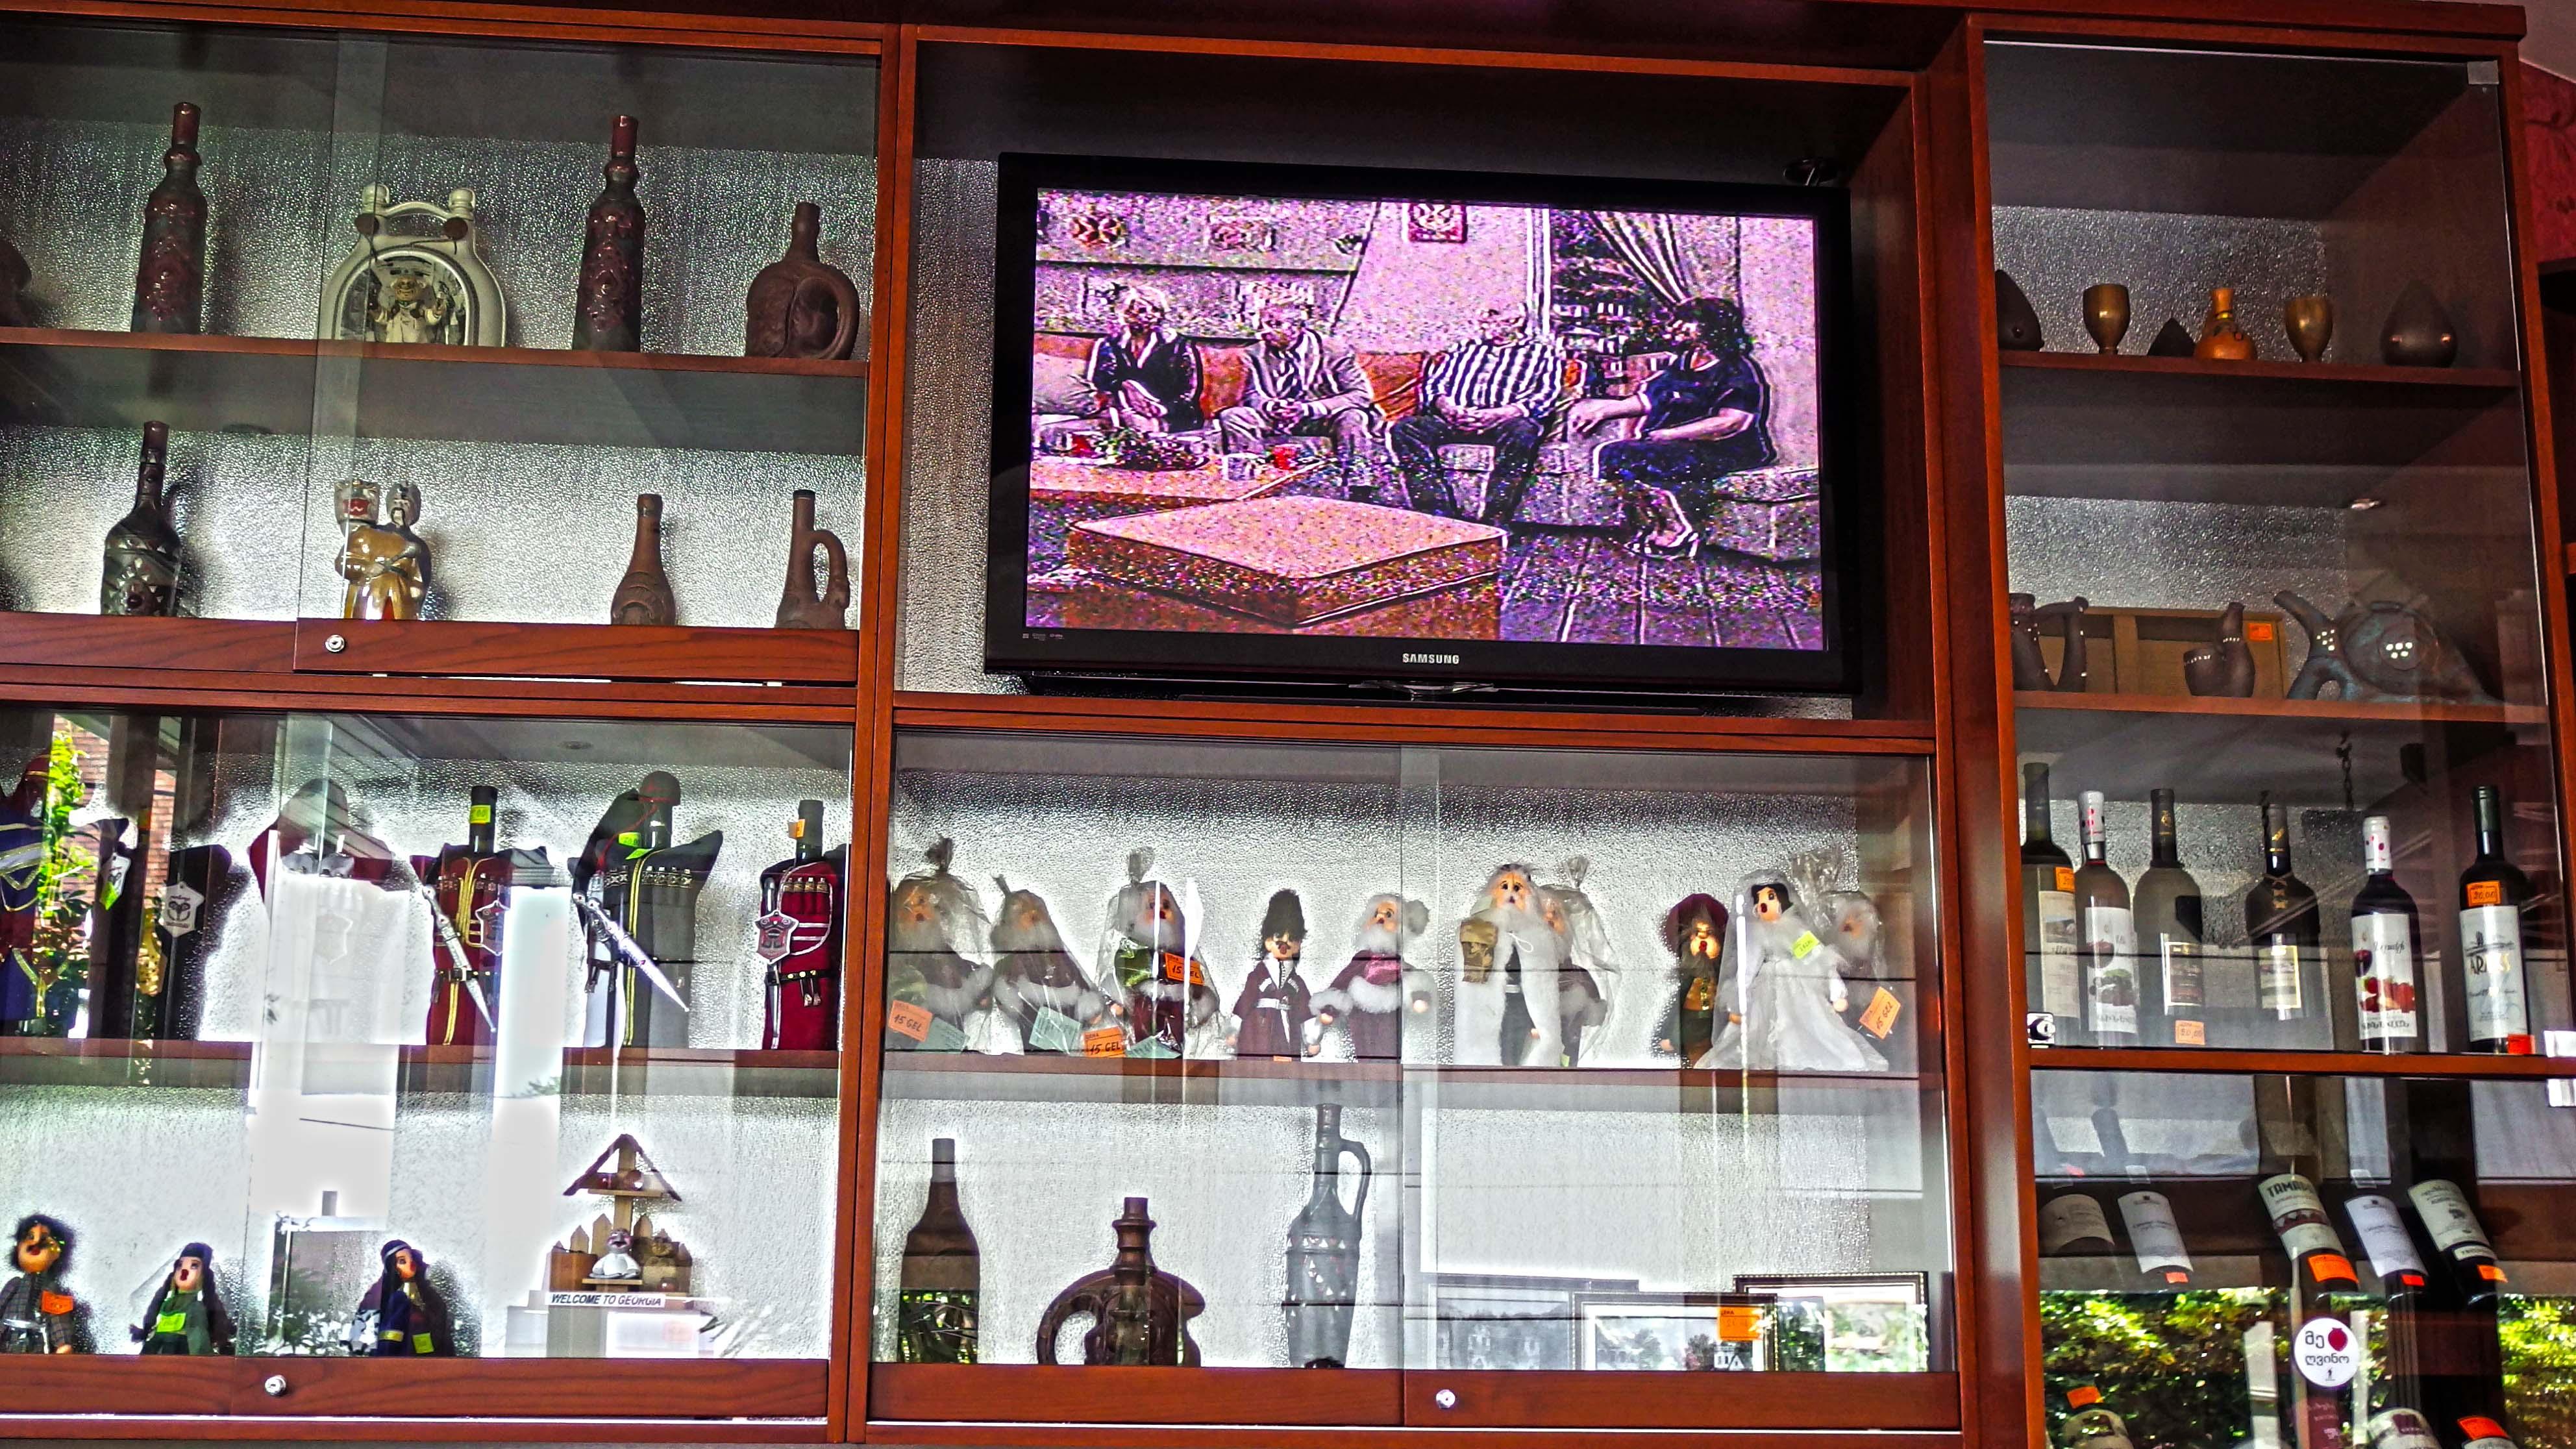 19 июня Телевидение грузинской патриархии «Эртсуловнеба» («Единодушие») организовало передачу, посвящённую презентации альманаха. В передаче участвовали Михаил Серебро, Маквала Гонашвили, Лада Баумгартен и Моисей Борода.